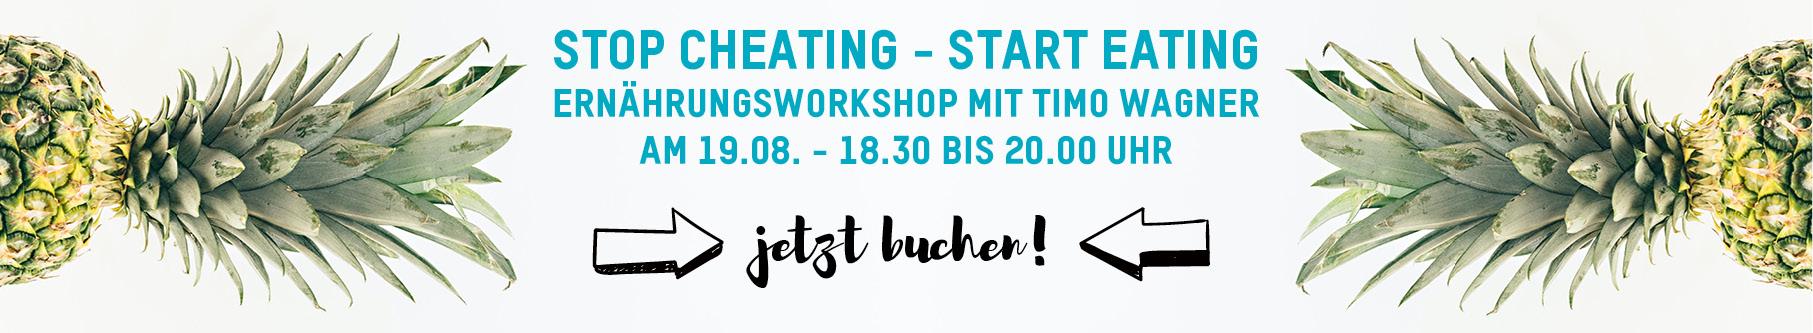 Ernährungsworkshop mit Timo Wagner Intermittierendes Fasten